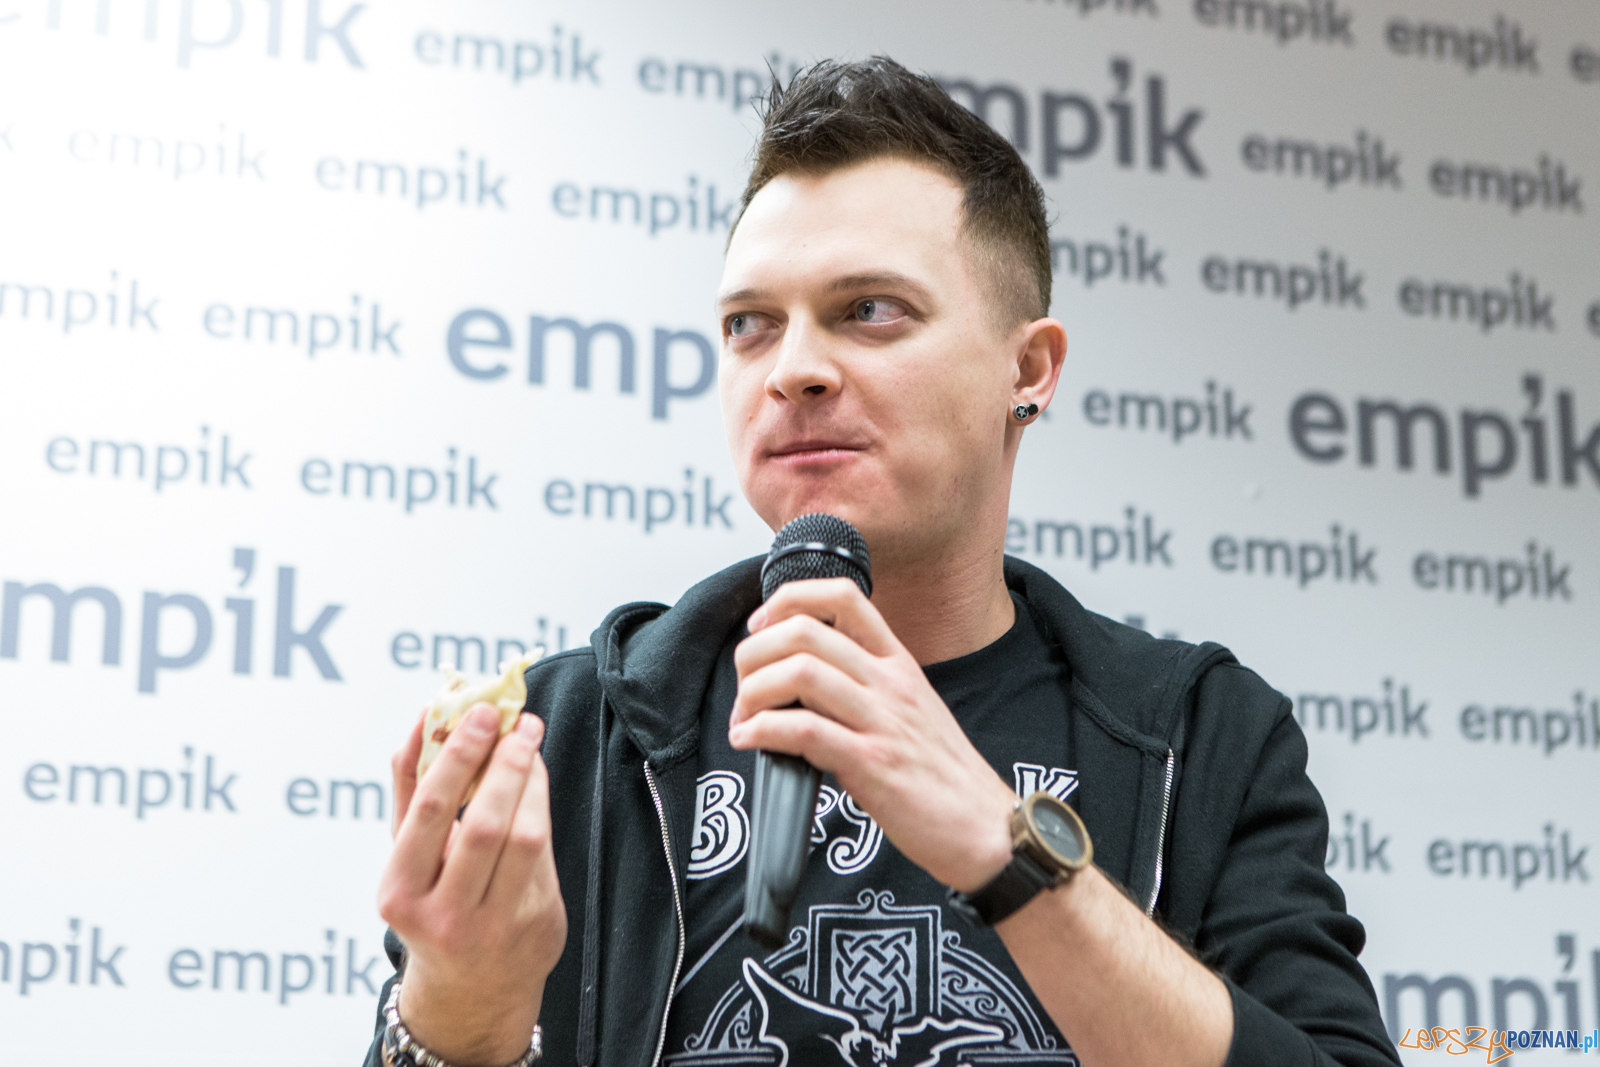 Spotkanie zespołu Nocny Kochanek z fanami w Empiku - Poznań 15  Foto: LepszyPOZNAN.pl / Paweł Rychter